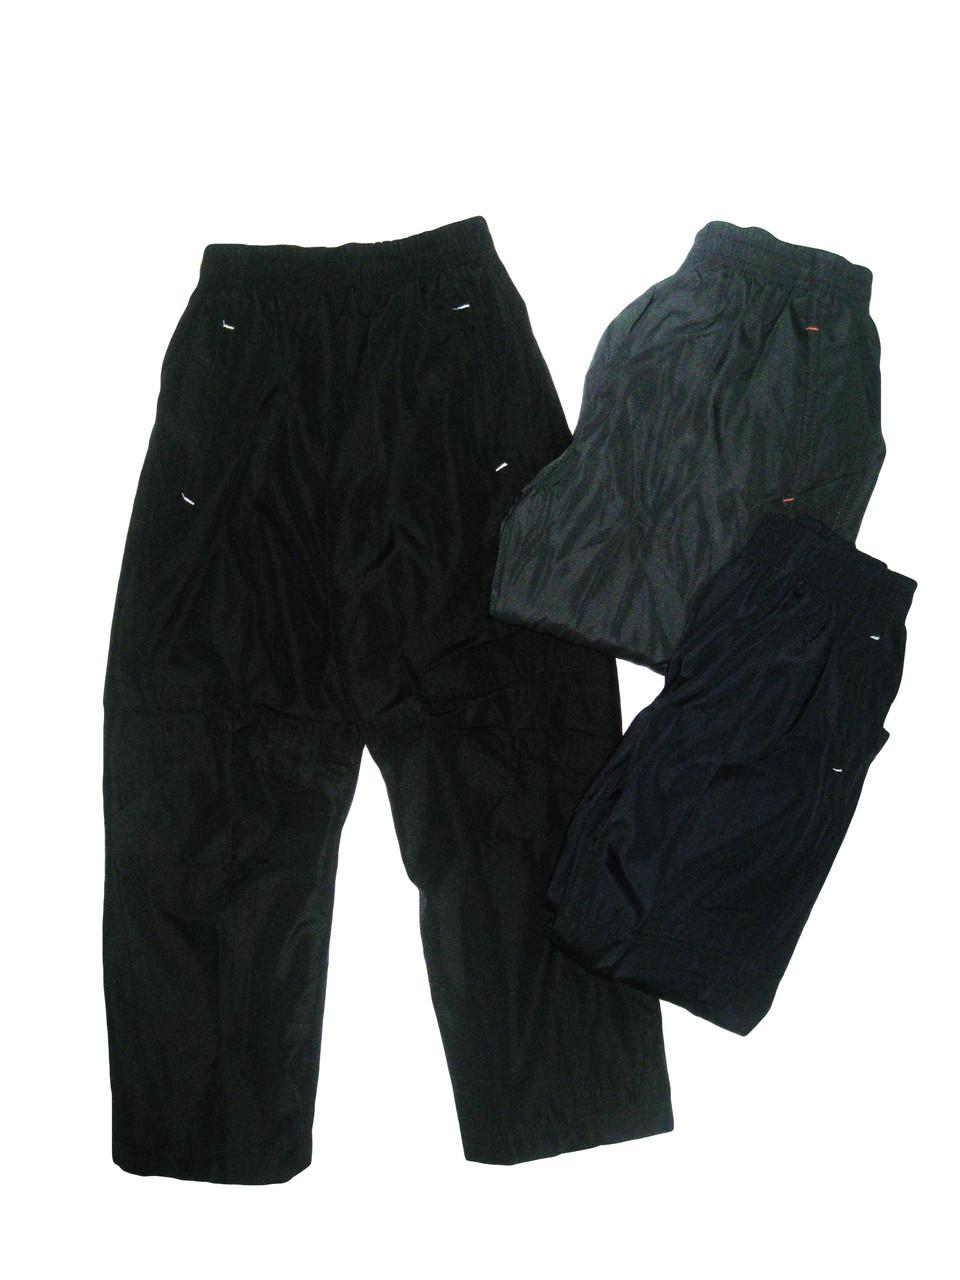 Штаны для мальчика,балоньевые  Aoles, размеры 98,104,110,122,128, арт. CMK-9308